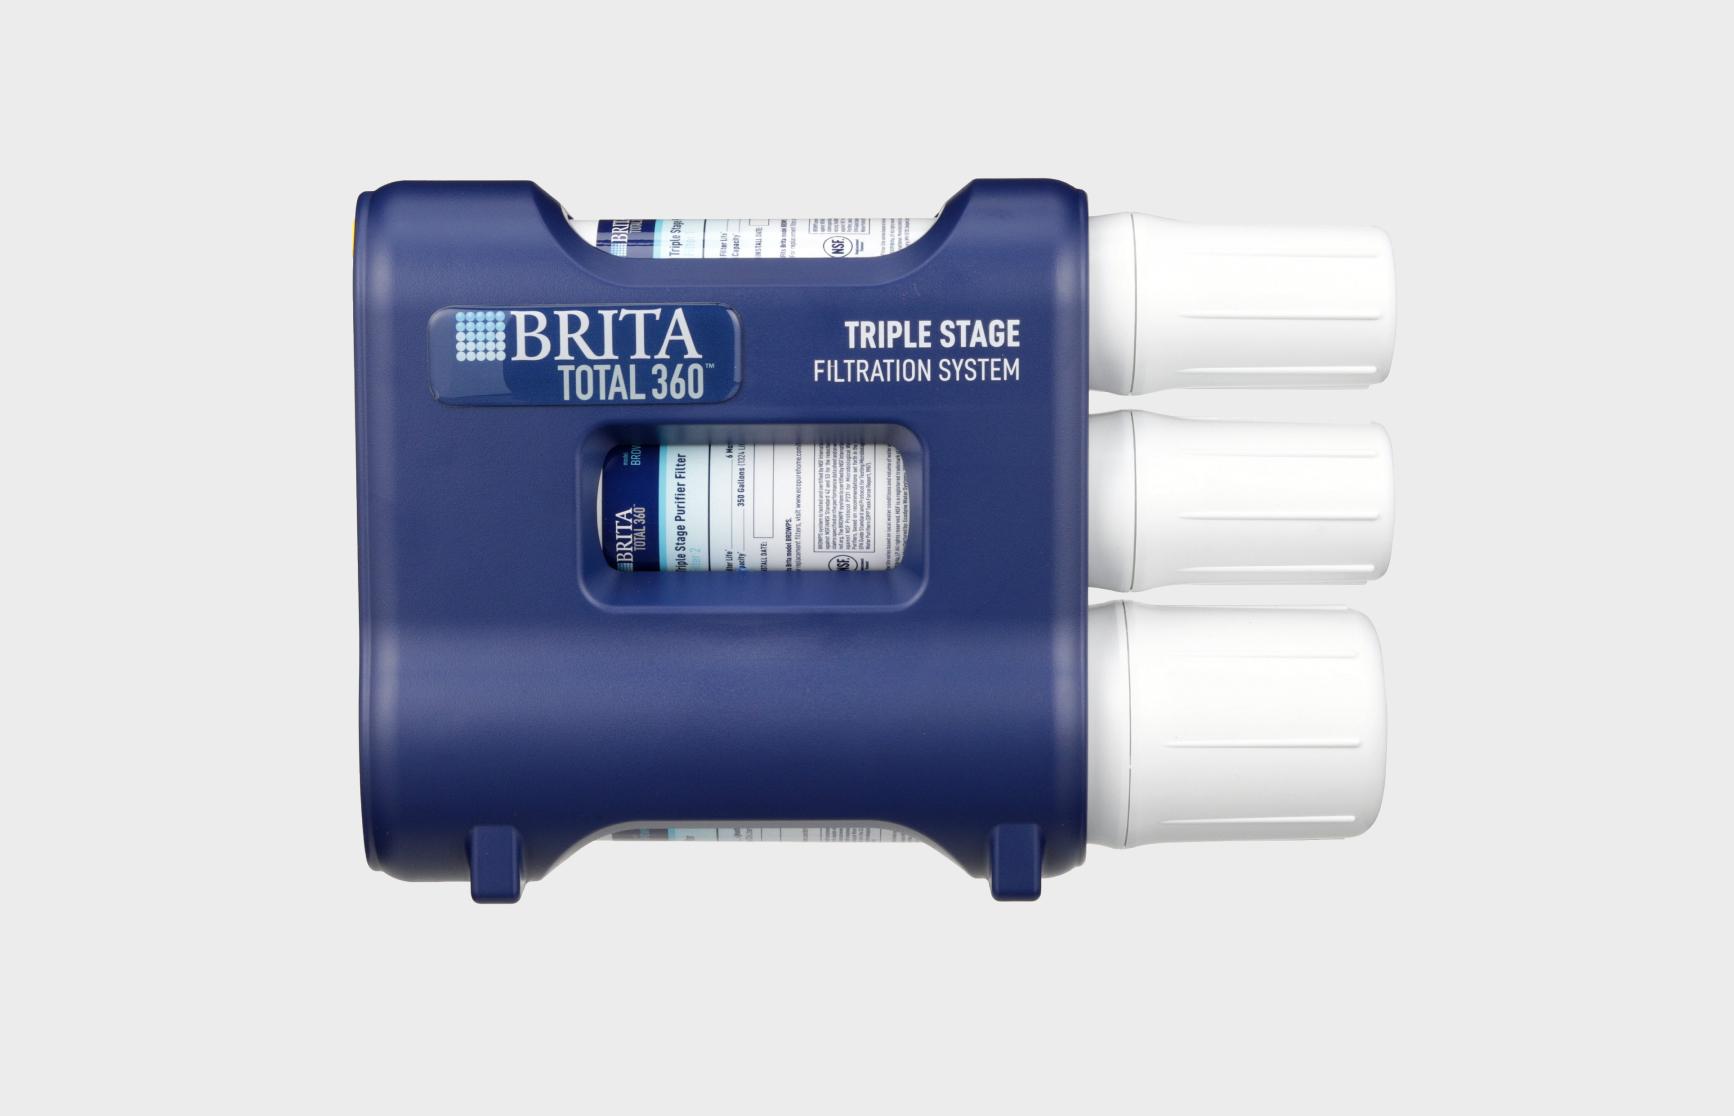 brita total360 three stage undersink filter system